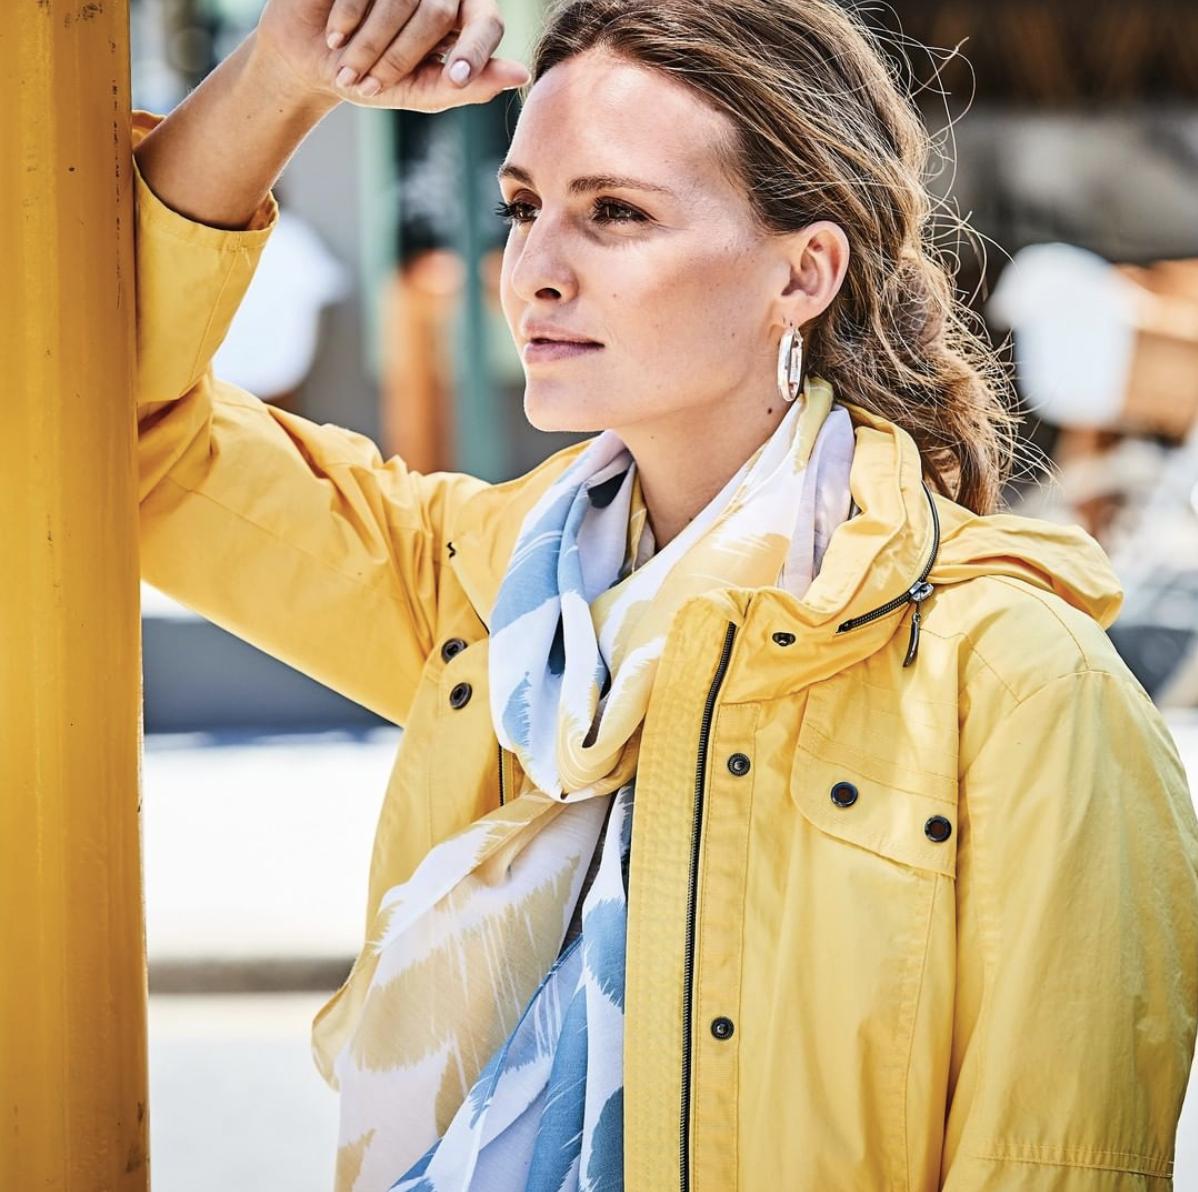 CLARINA - CLARINA COLLECTION ist die Modern Classic Marke für die sportive, gepflegte und stilvolle Frau mit hohem Qualitätsanspruch, die Wert auf ein gutes Preis-Leistungs-Verhältnis legt.Modische Details und harmonische Farben verkörpern eine feminine Leichtigkeit.